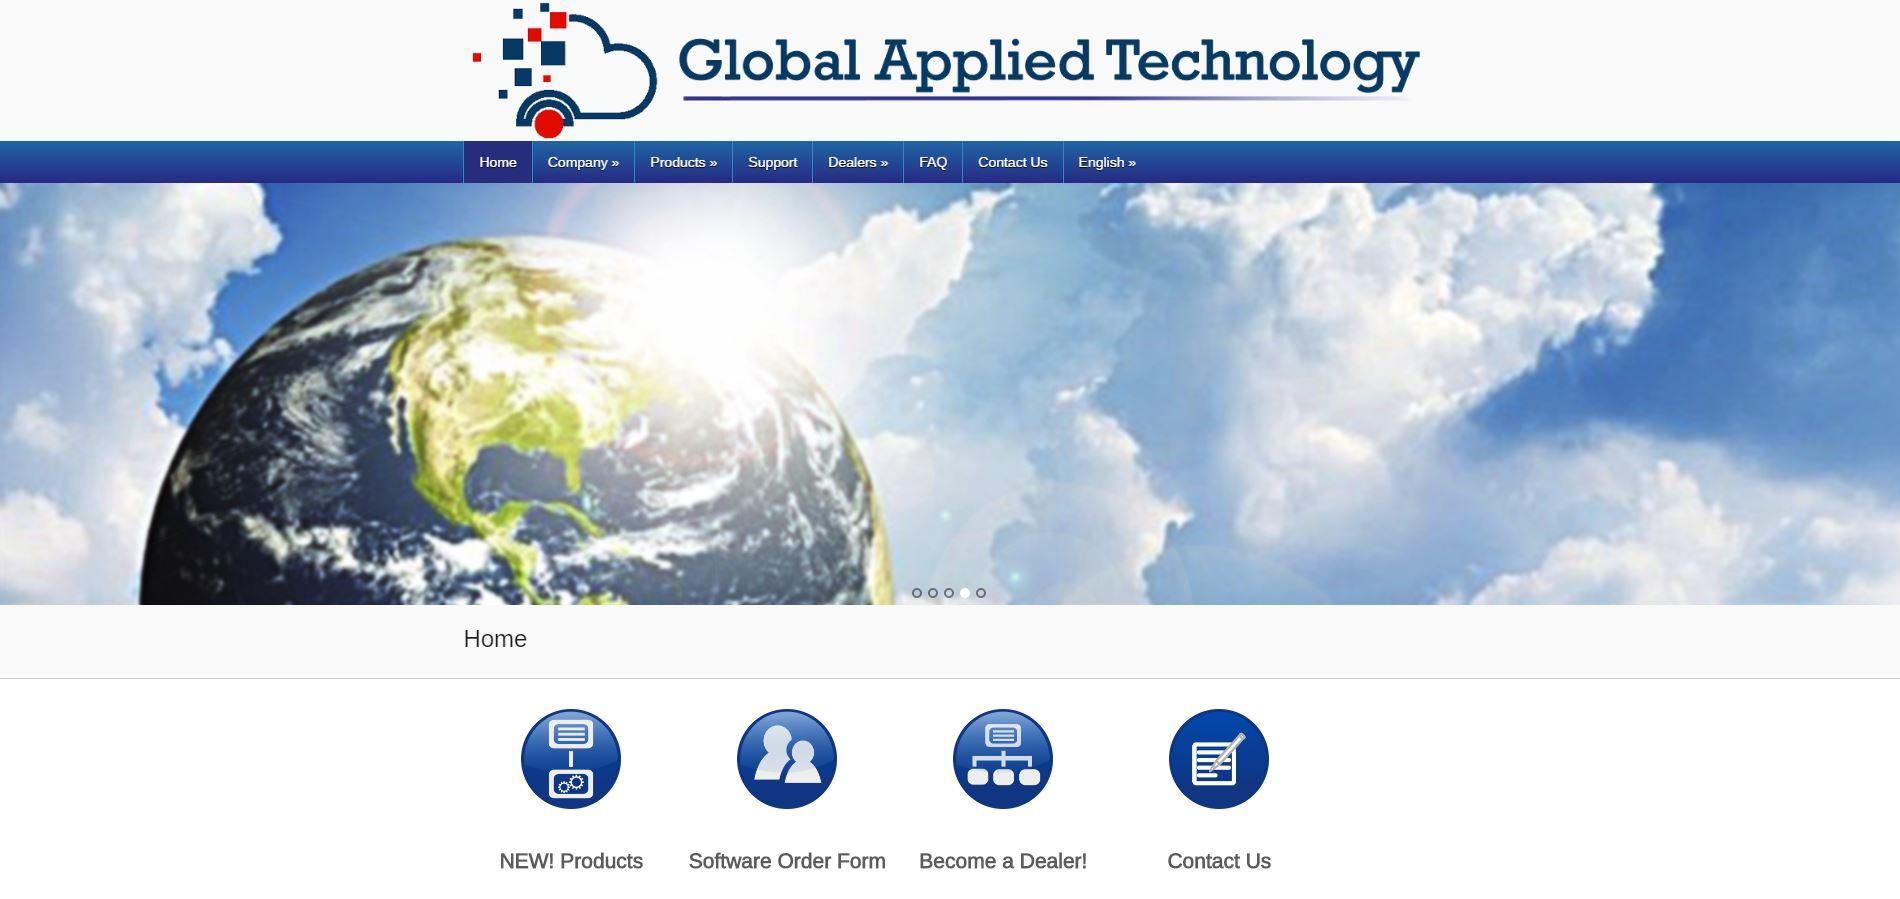 www.globalappliedtechnology.com